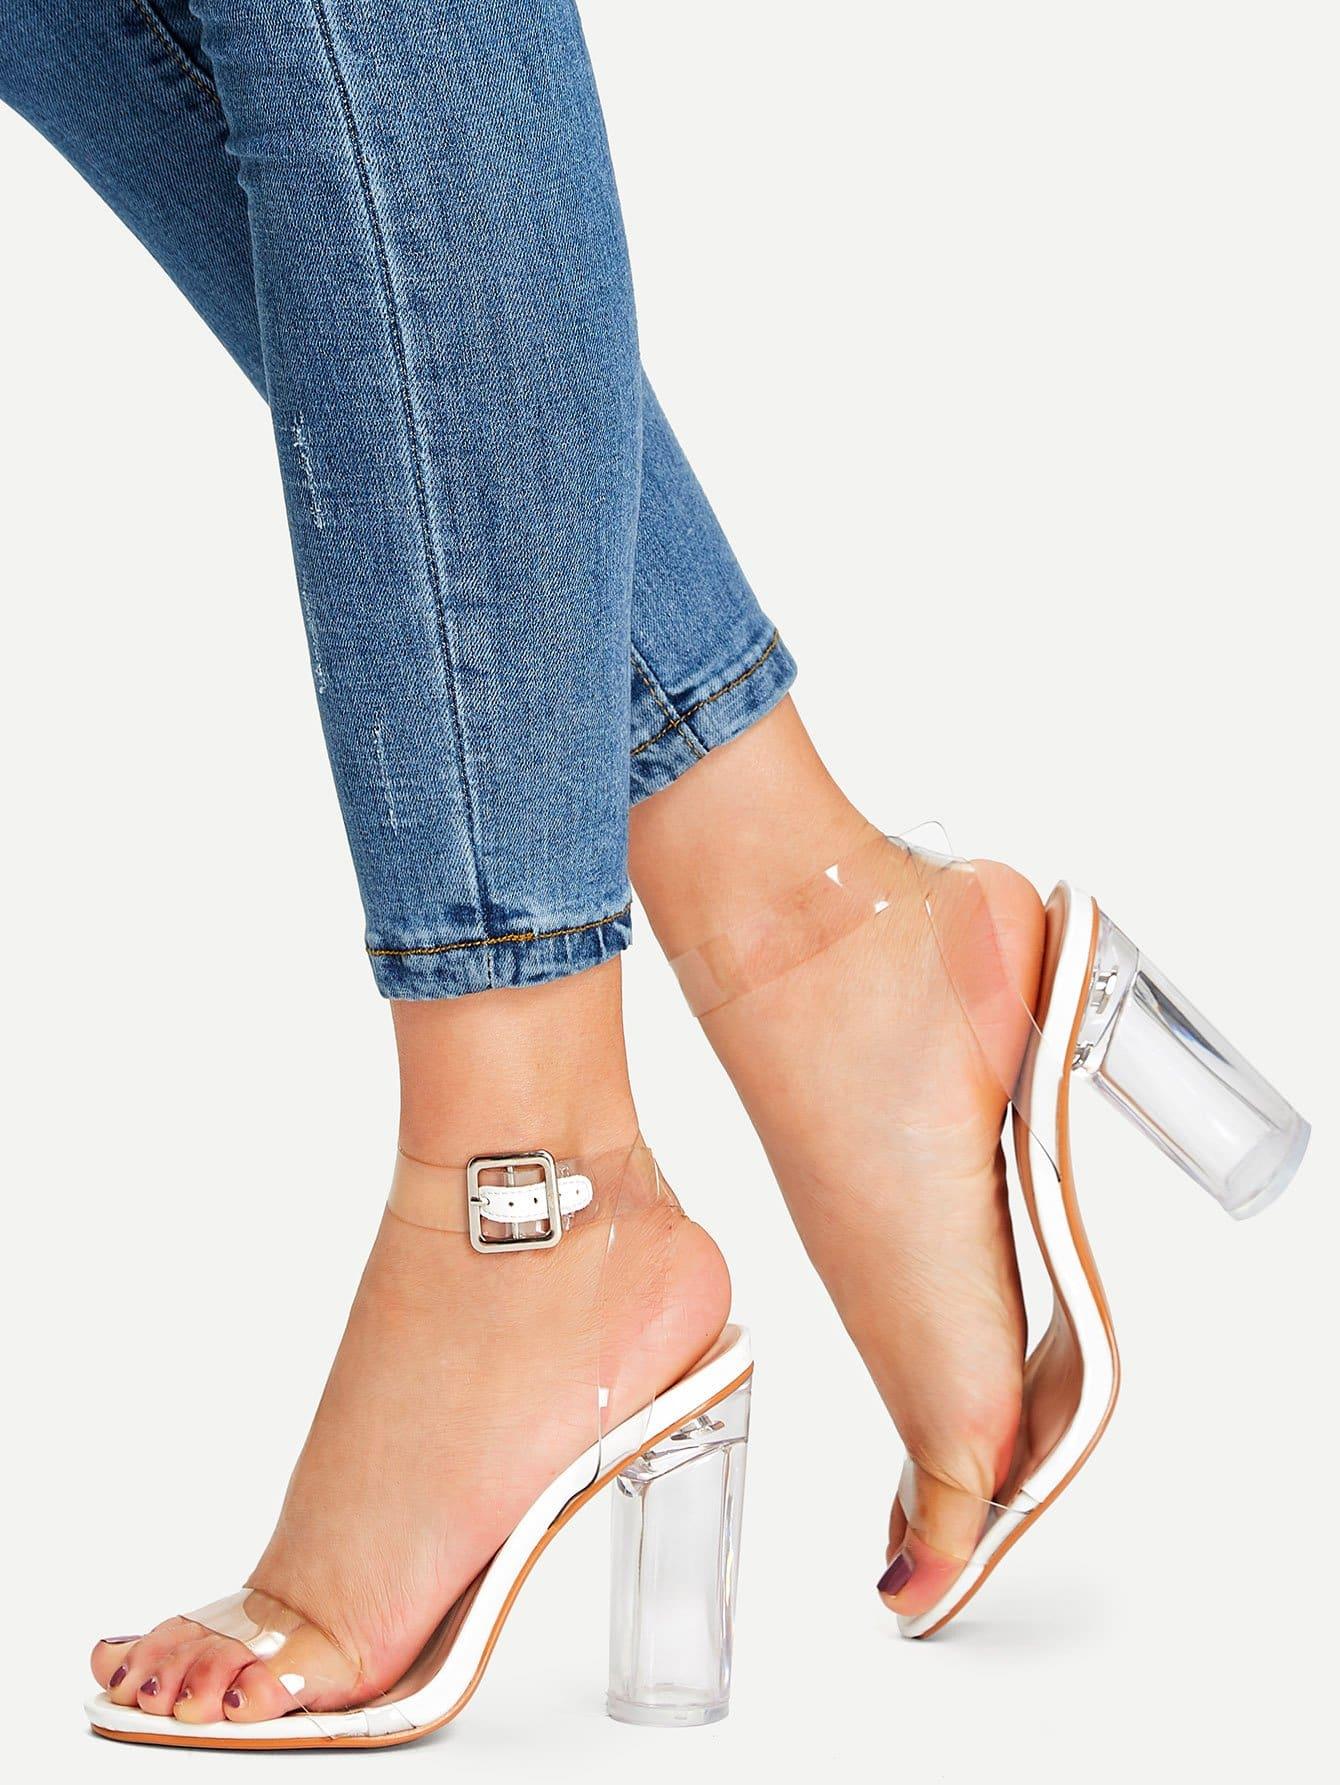 Купить Прозрачные туфли на высоких каблуках с шнурками, null, SheIn